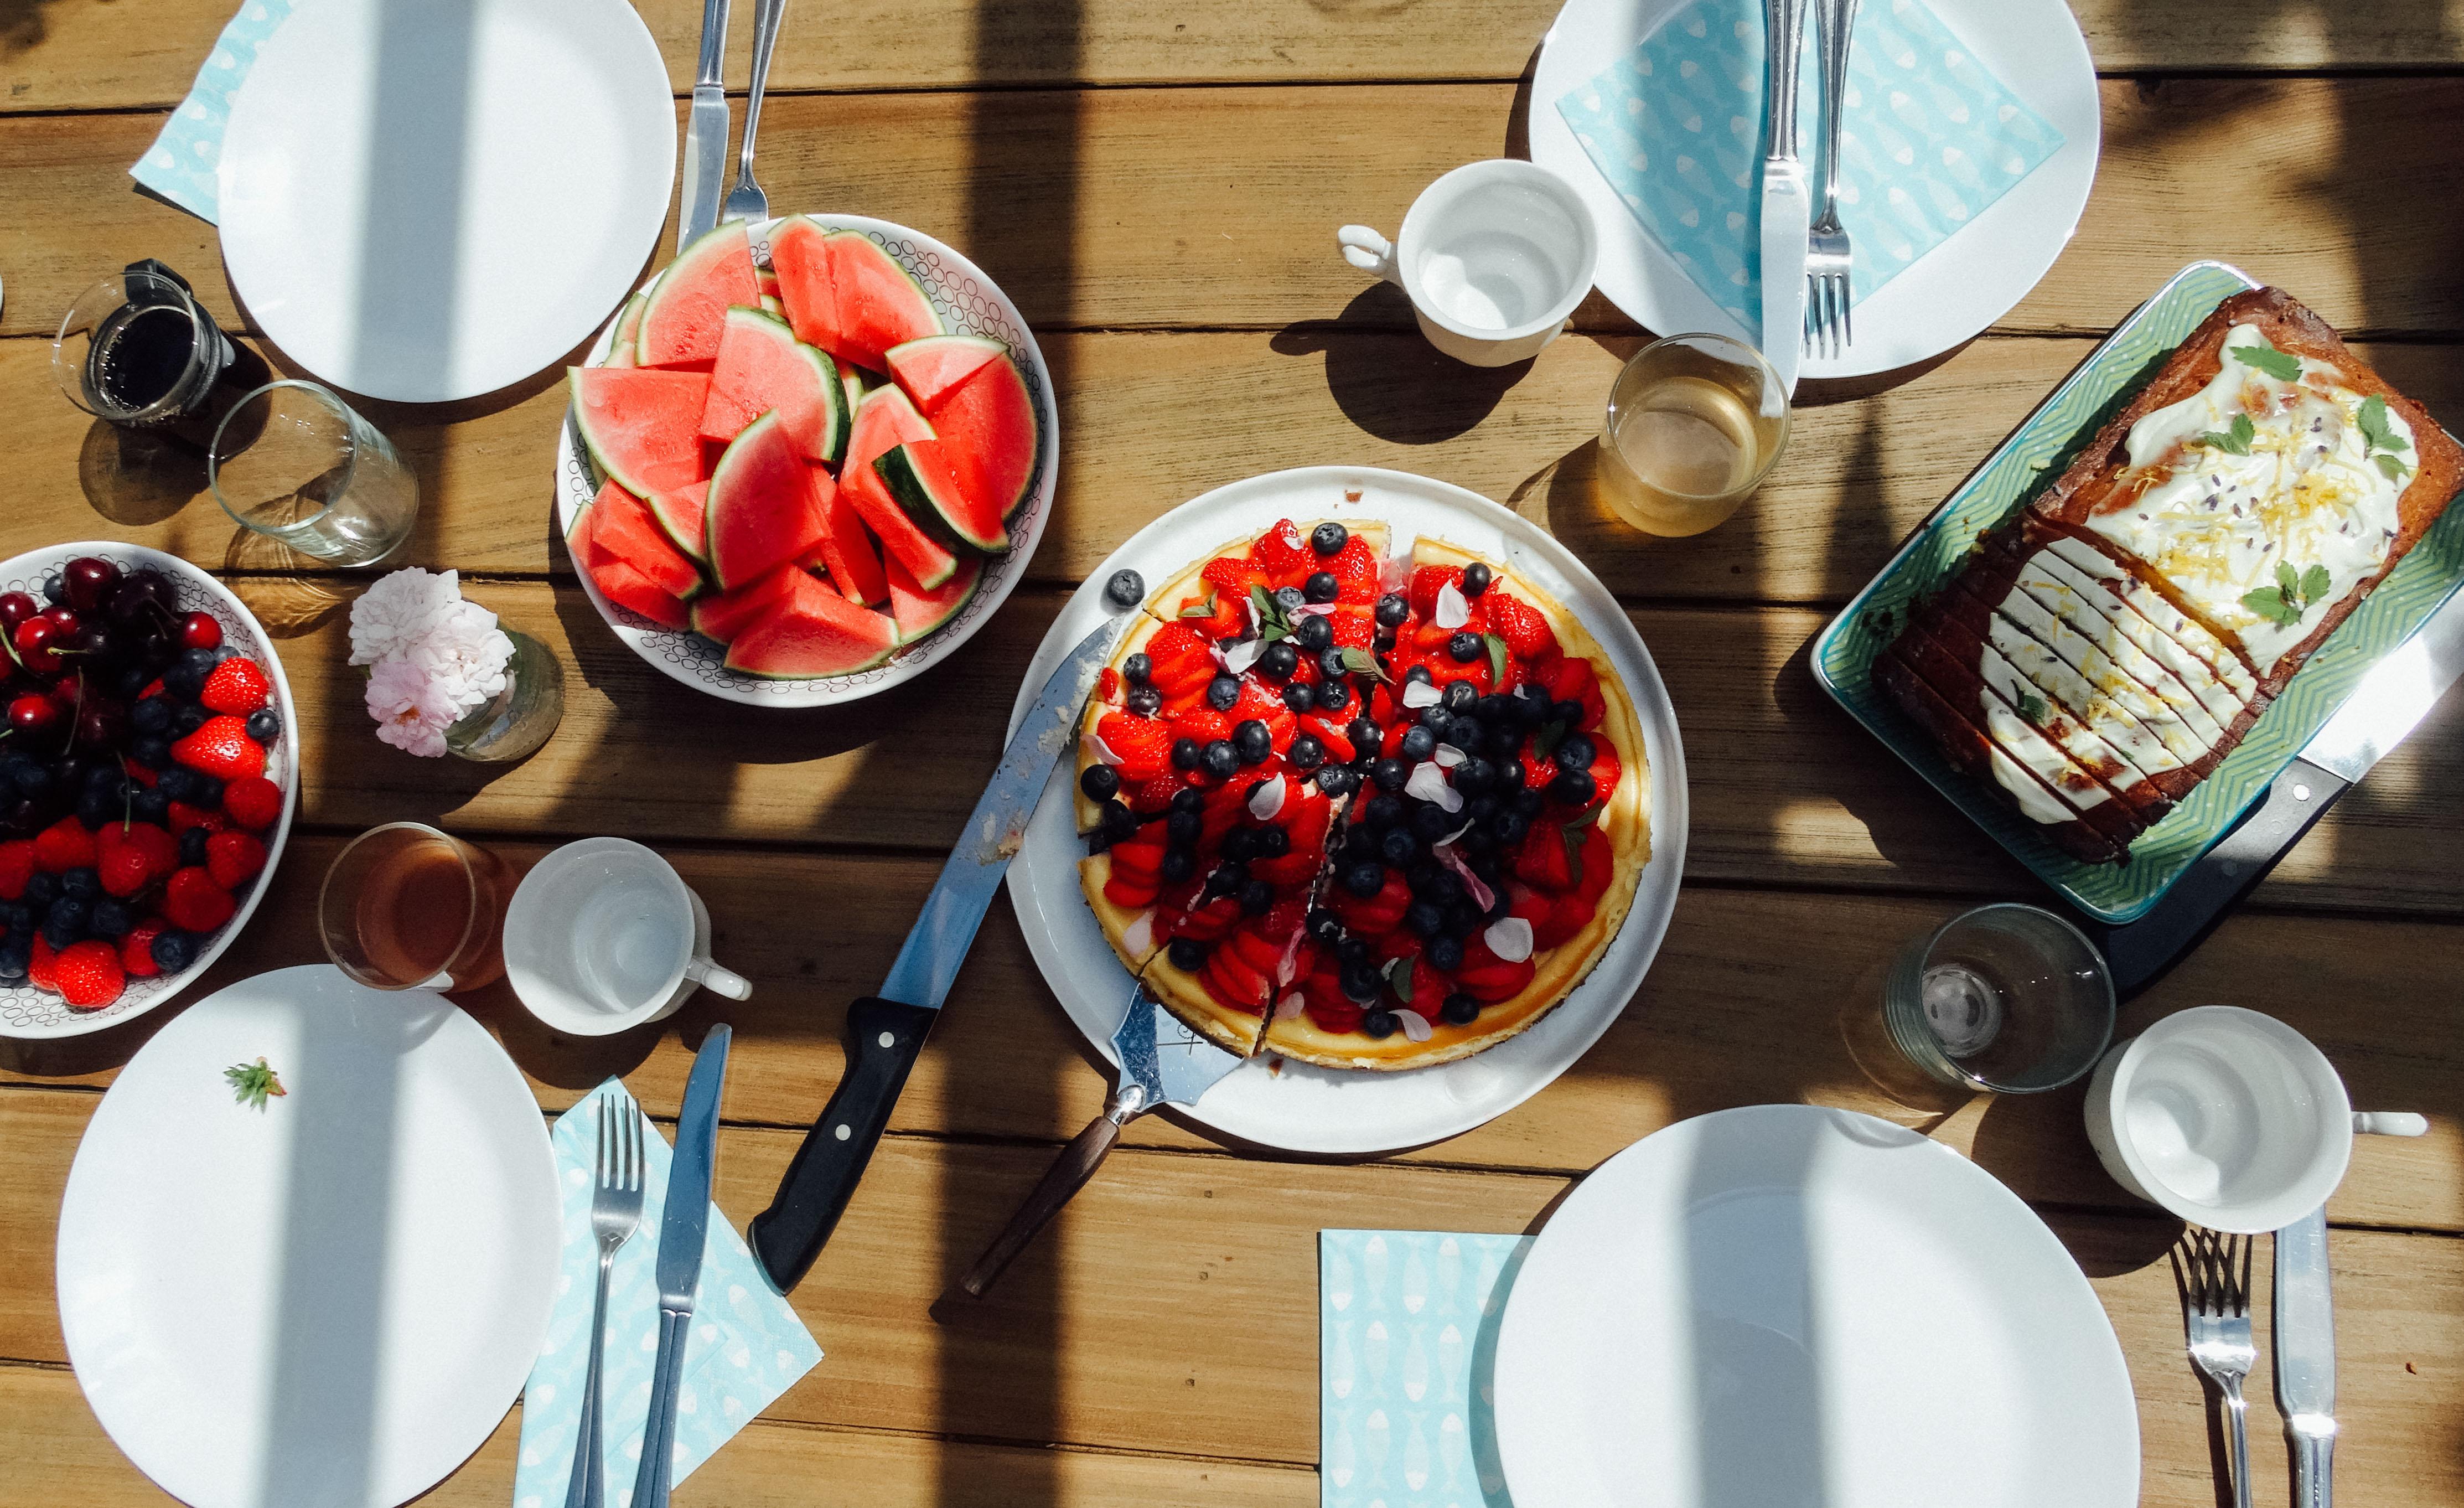 Recept van de maand #22: cheesecake om eindeloos mee te variëren